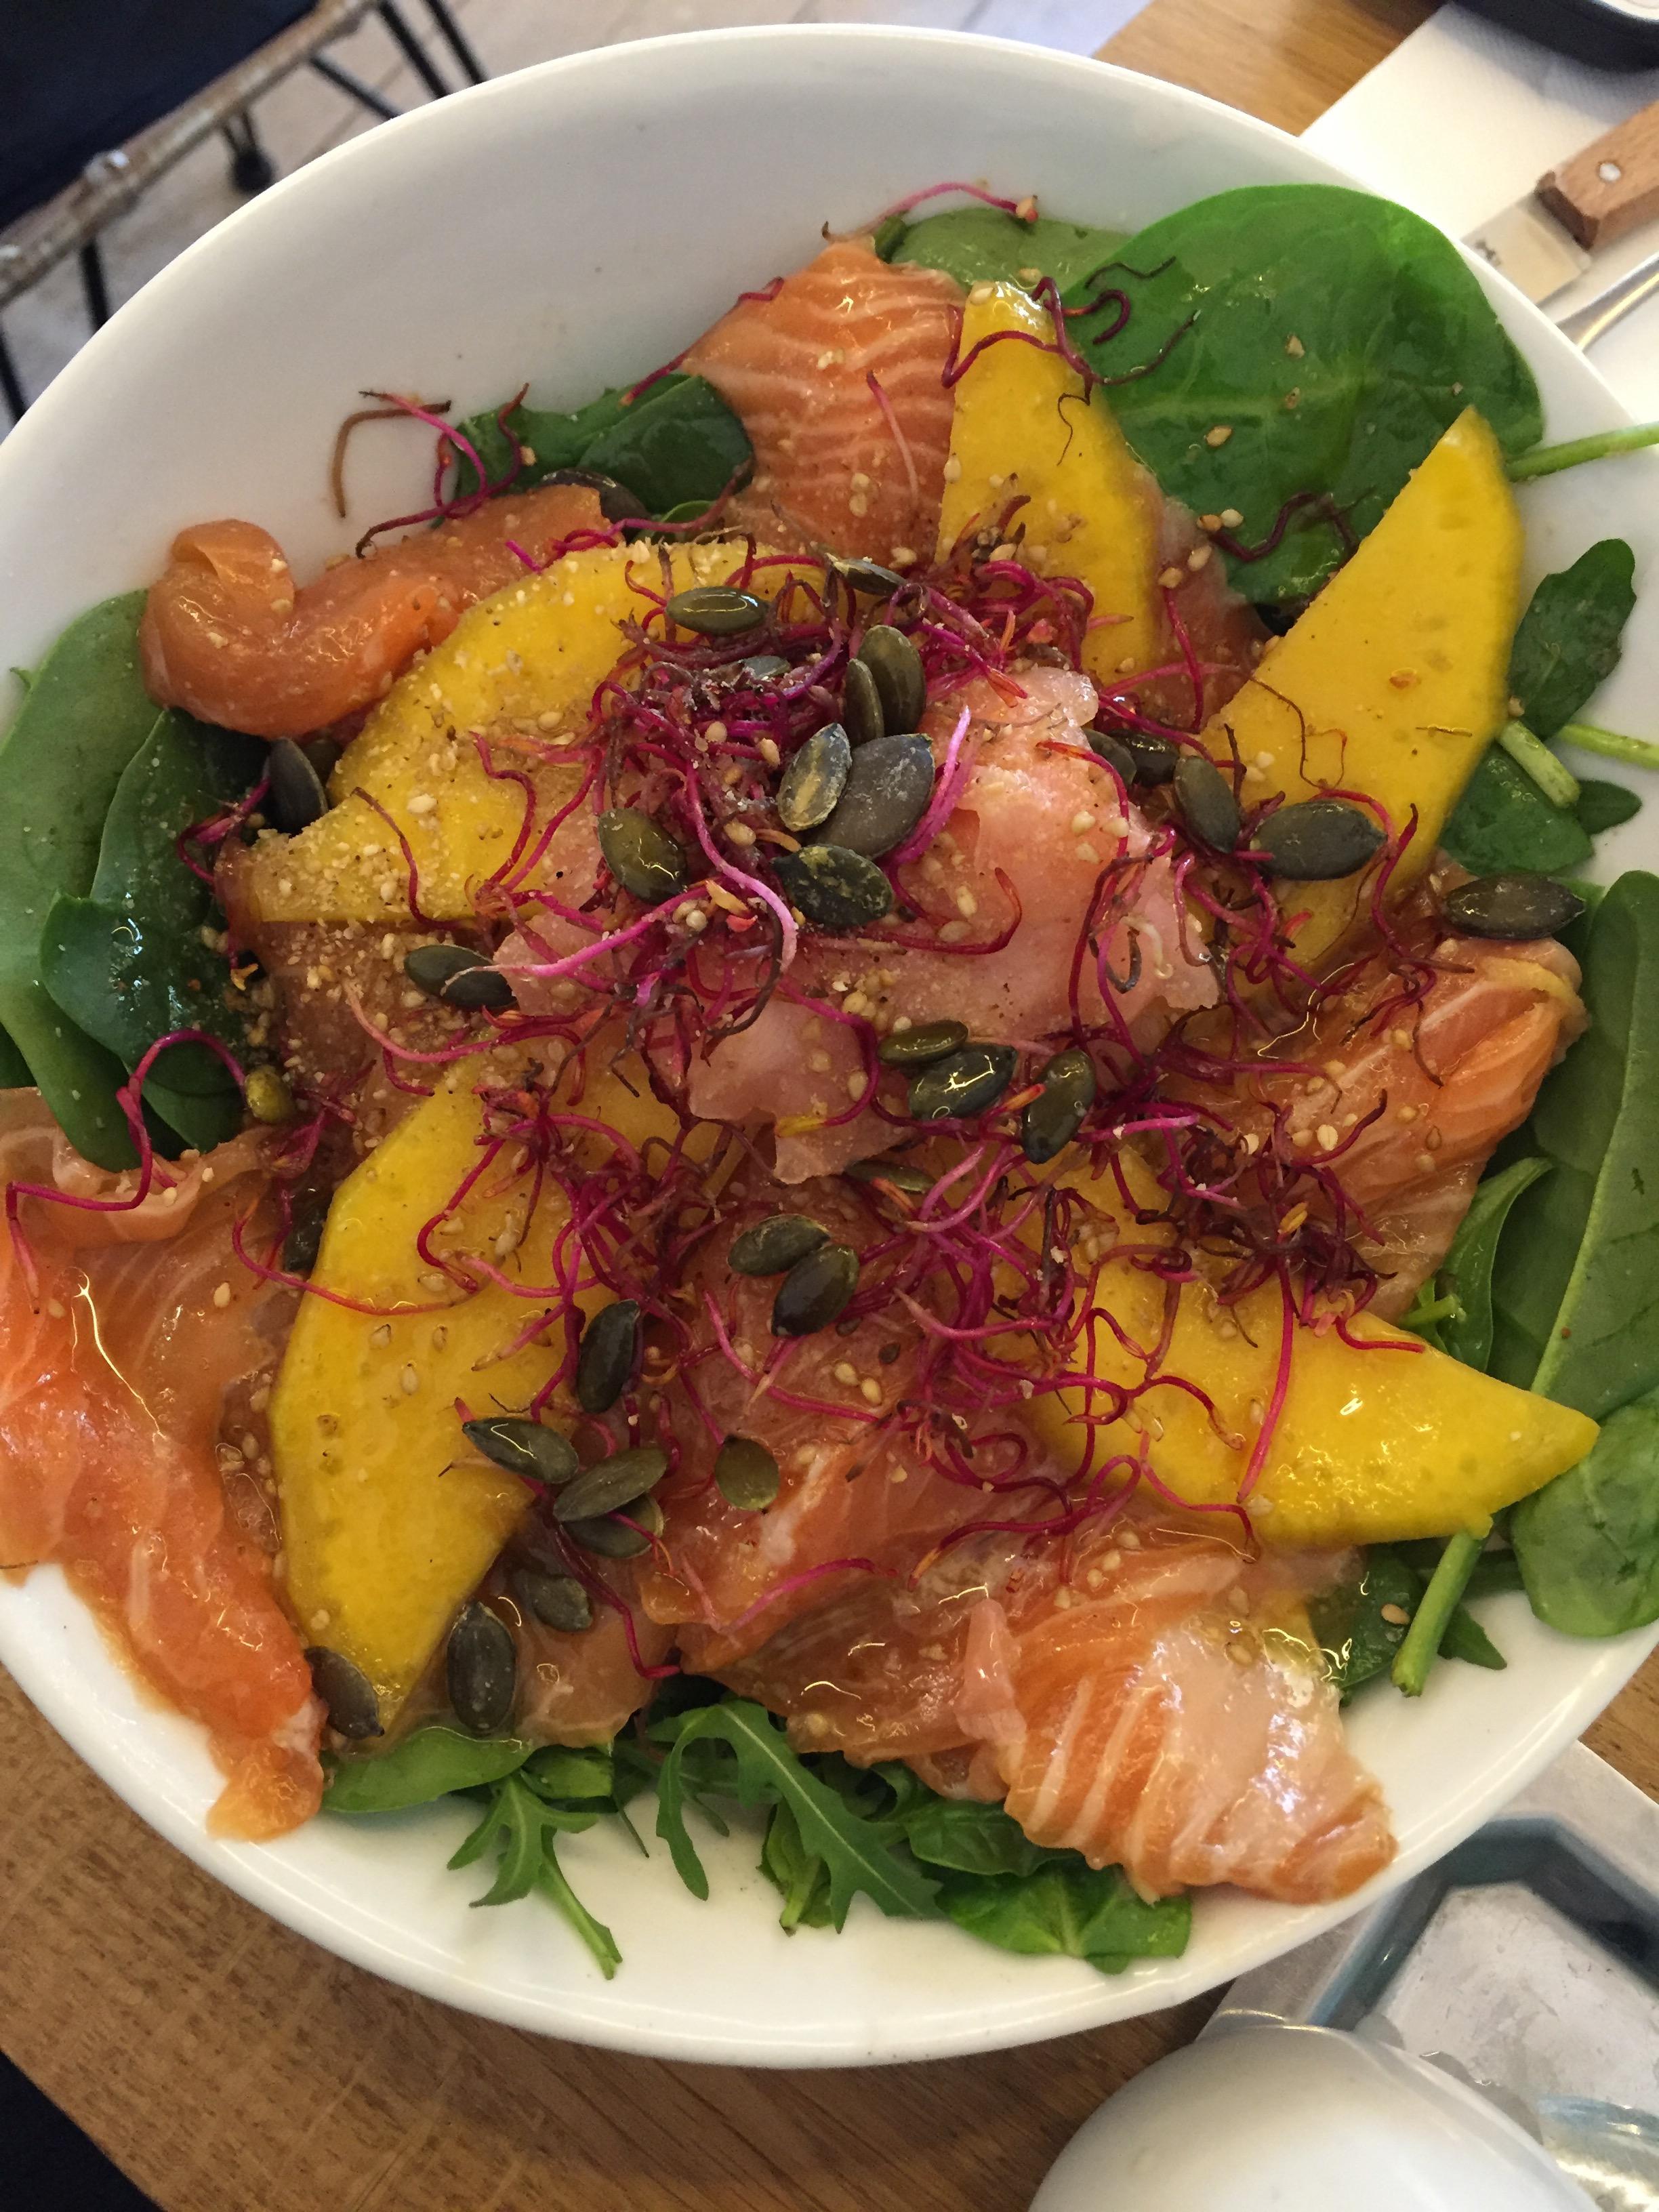 Smoked salmon salad and fresh greens